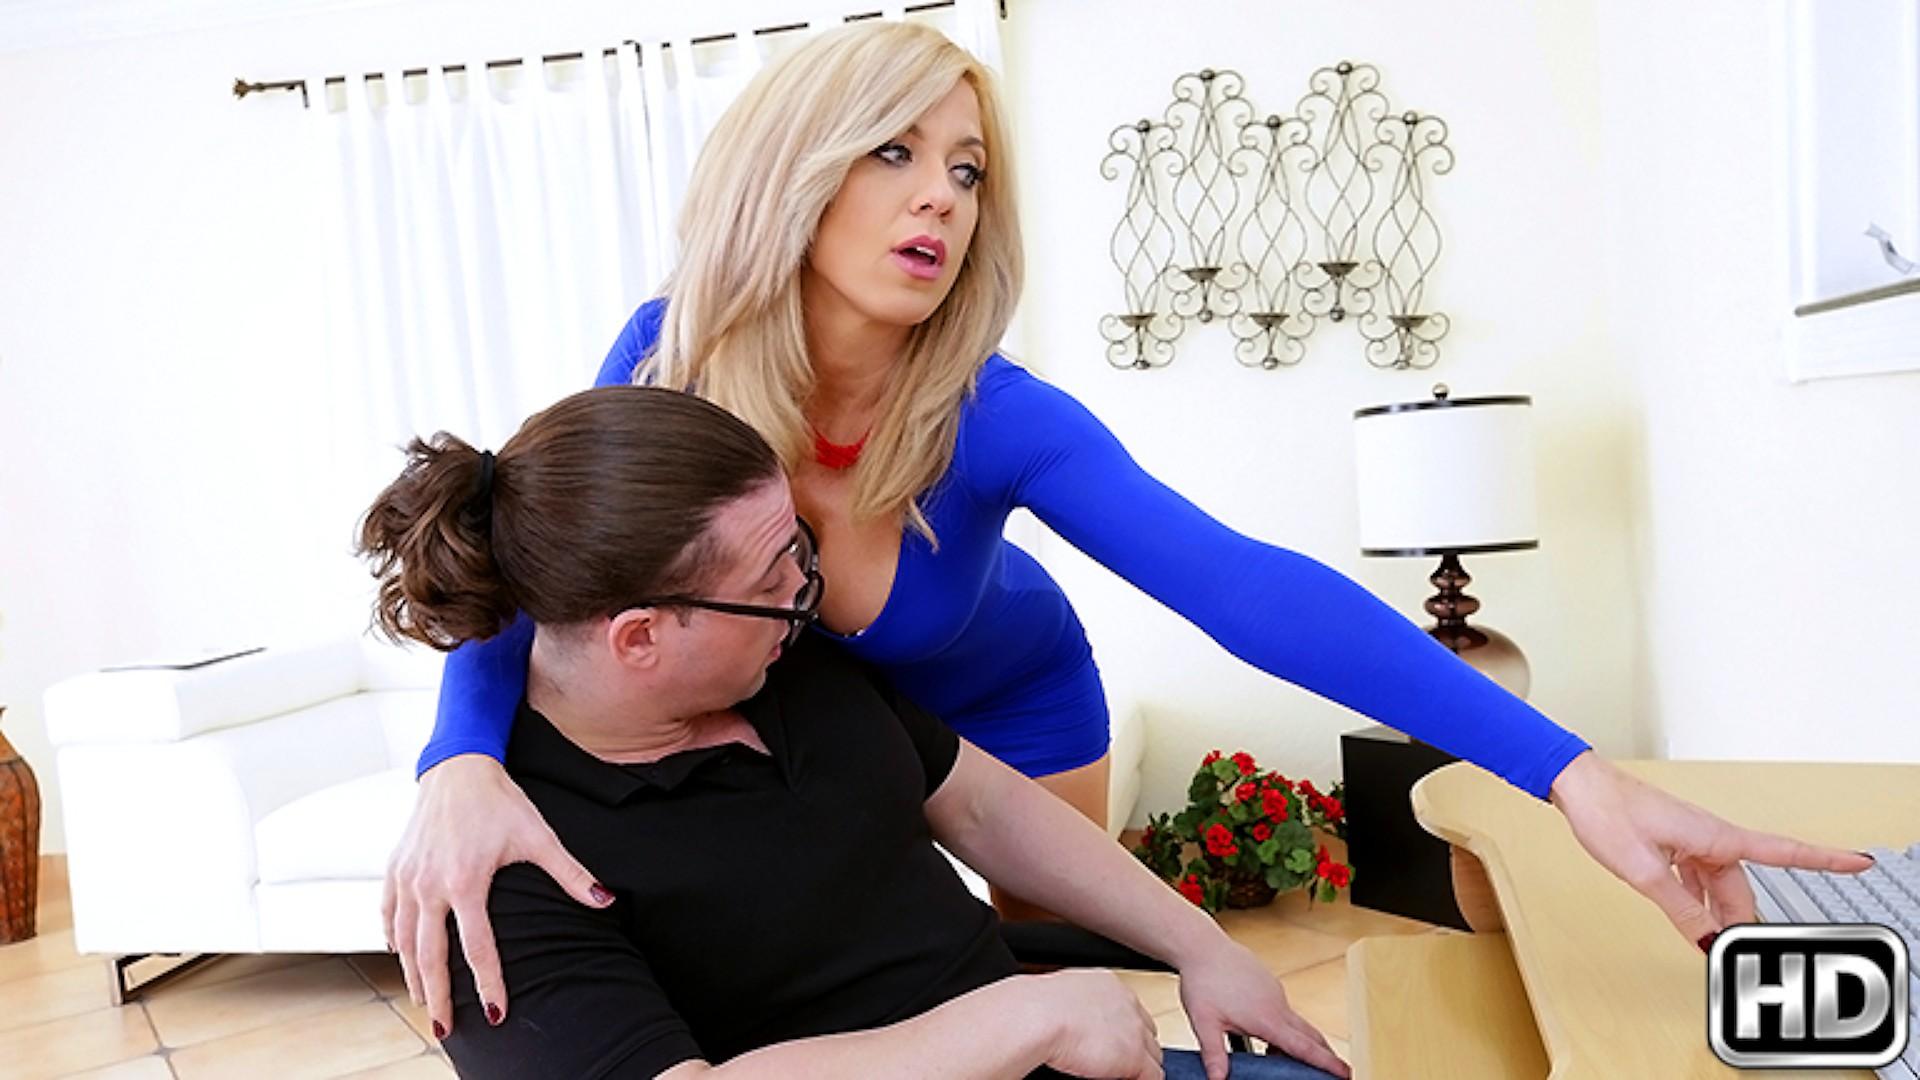 The Blow Job - Big Tits Boss